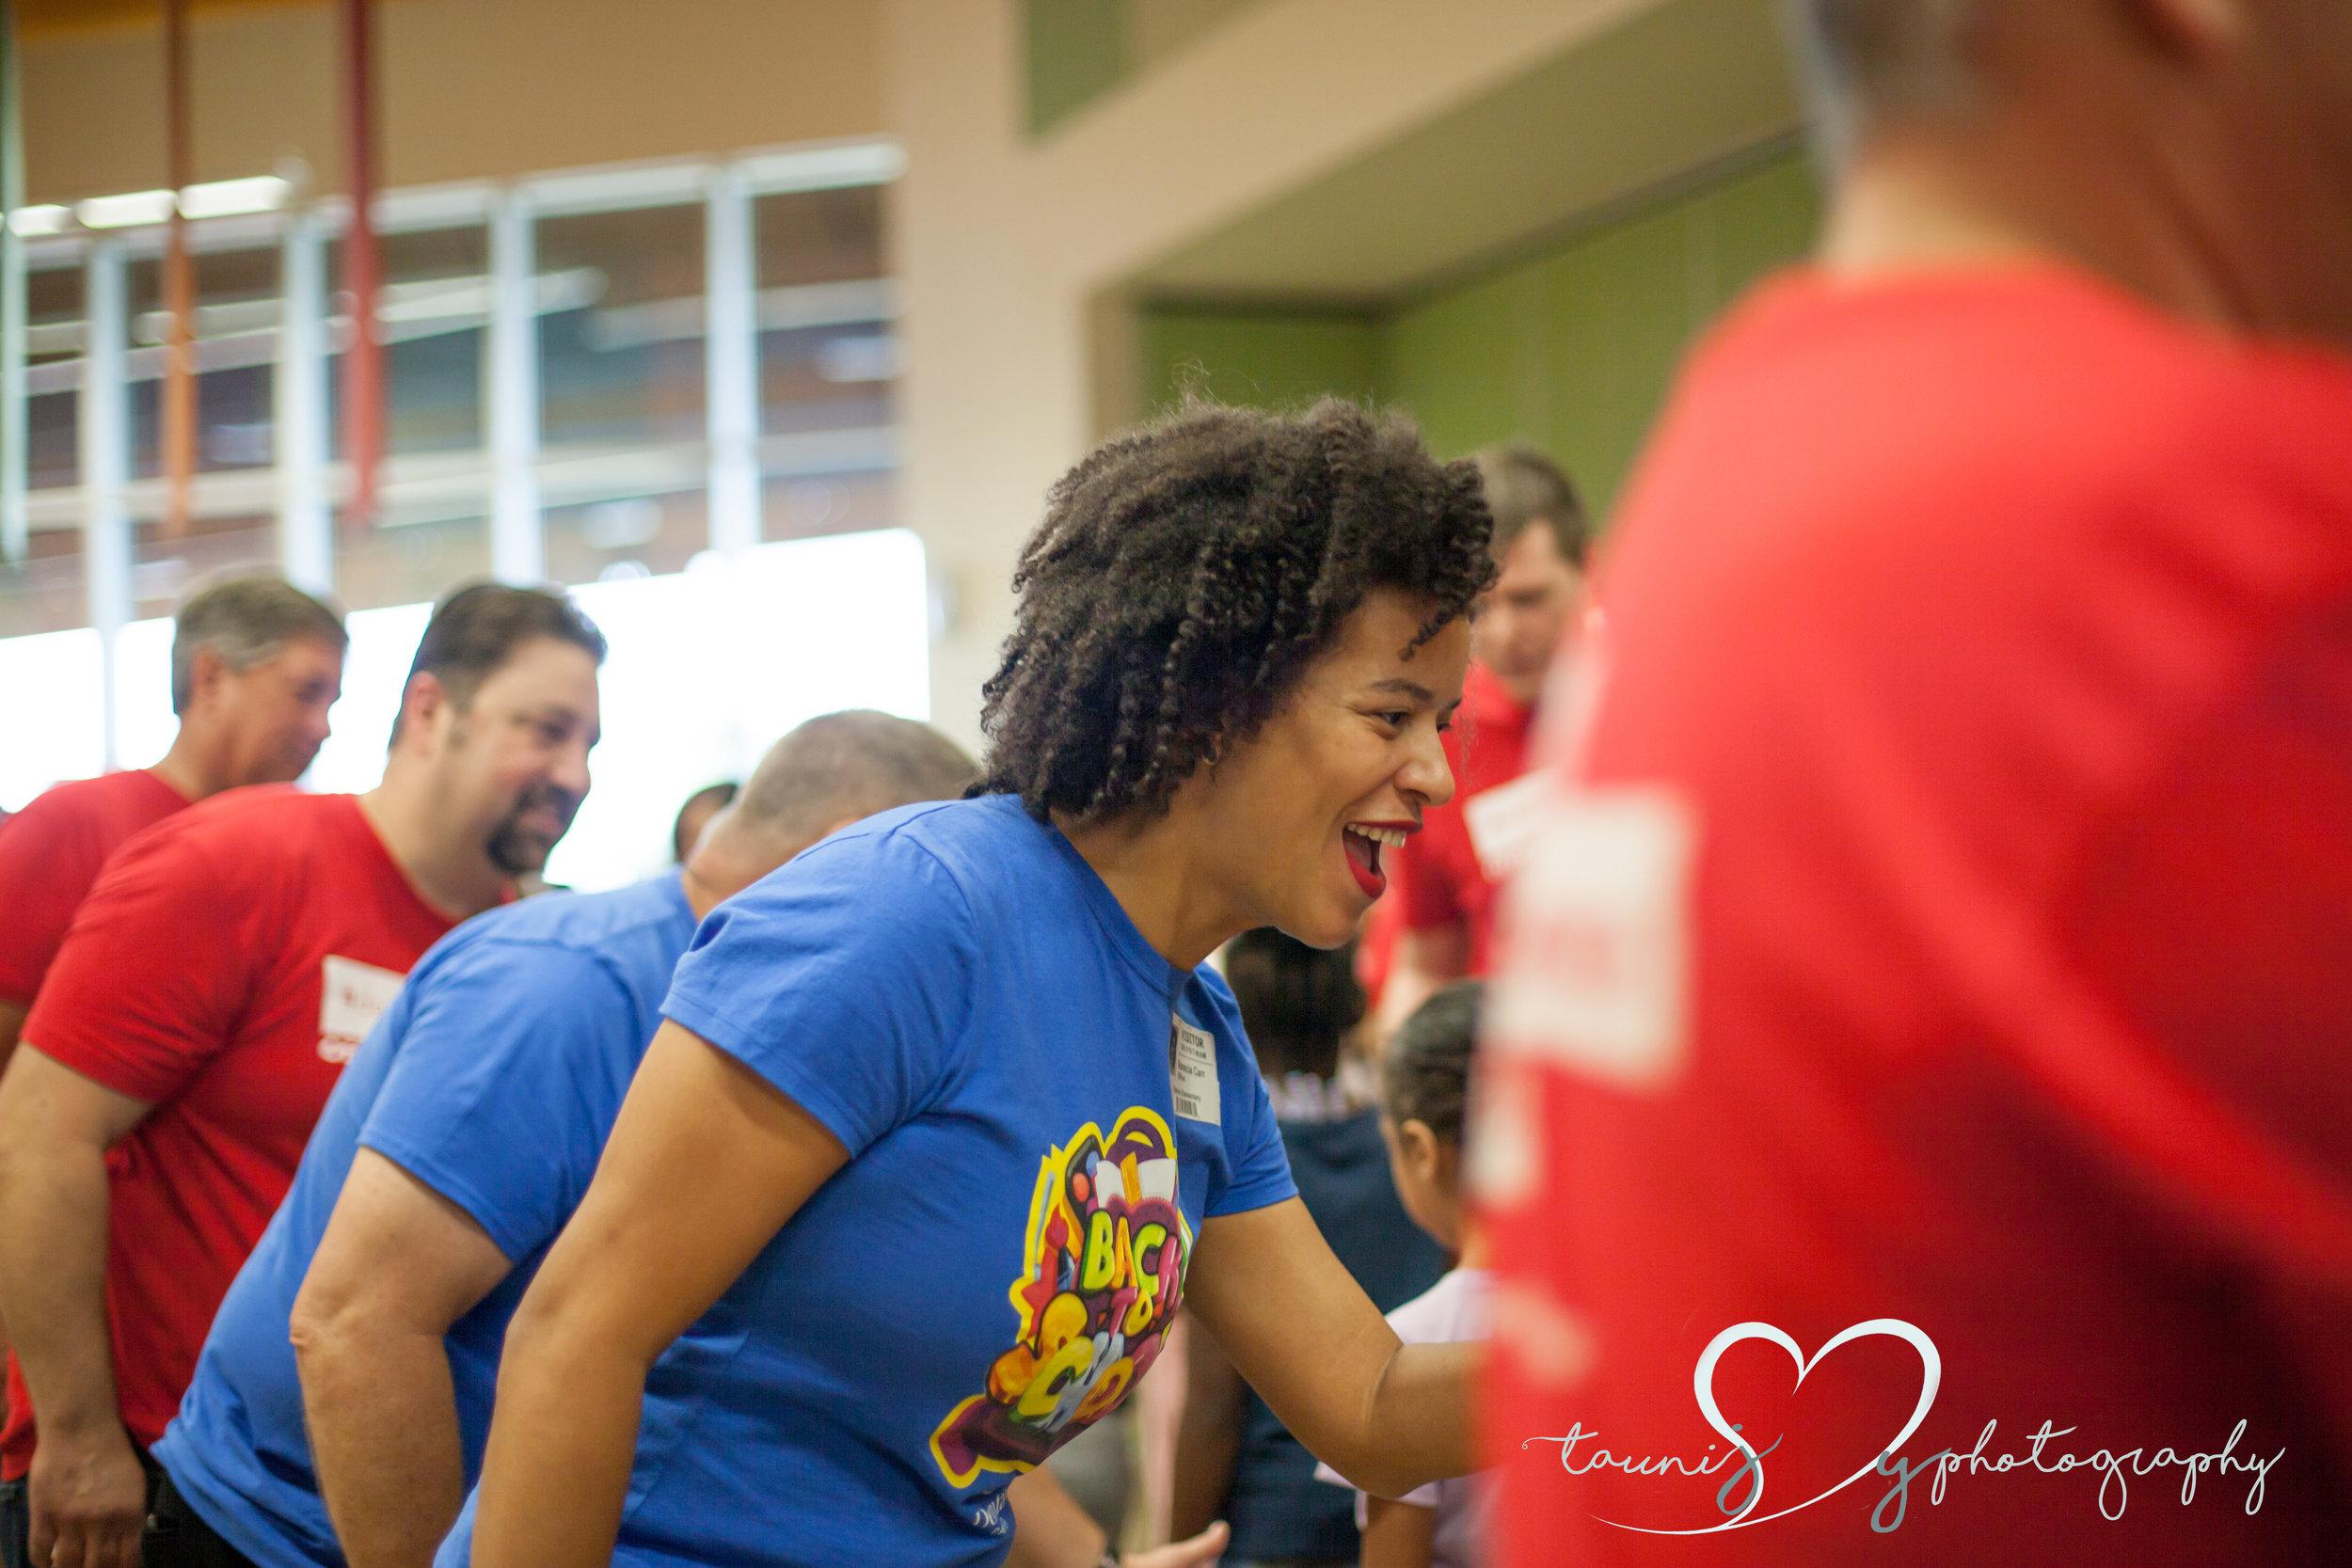 Austin Texas charity event photographer.jpg